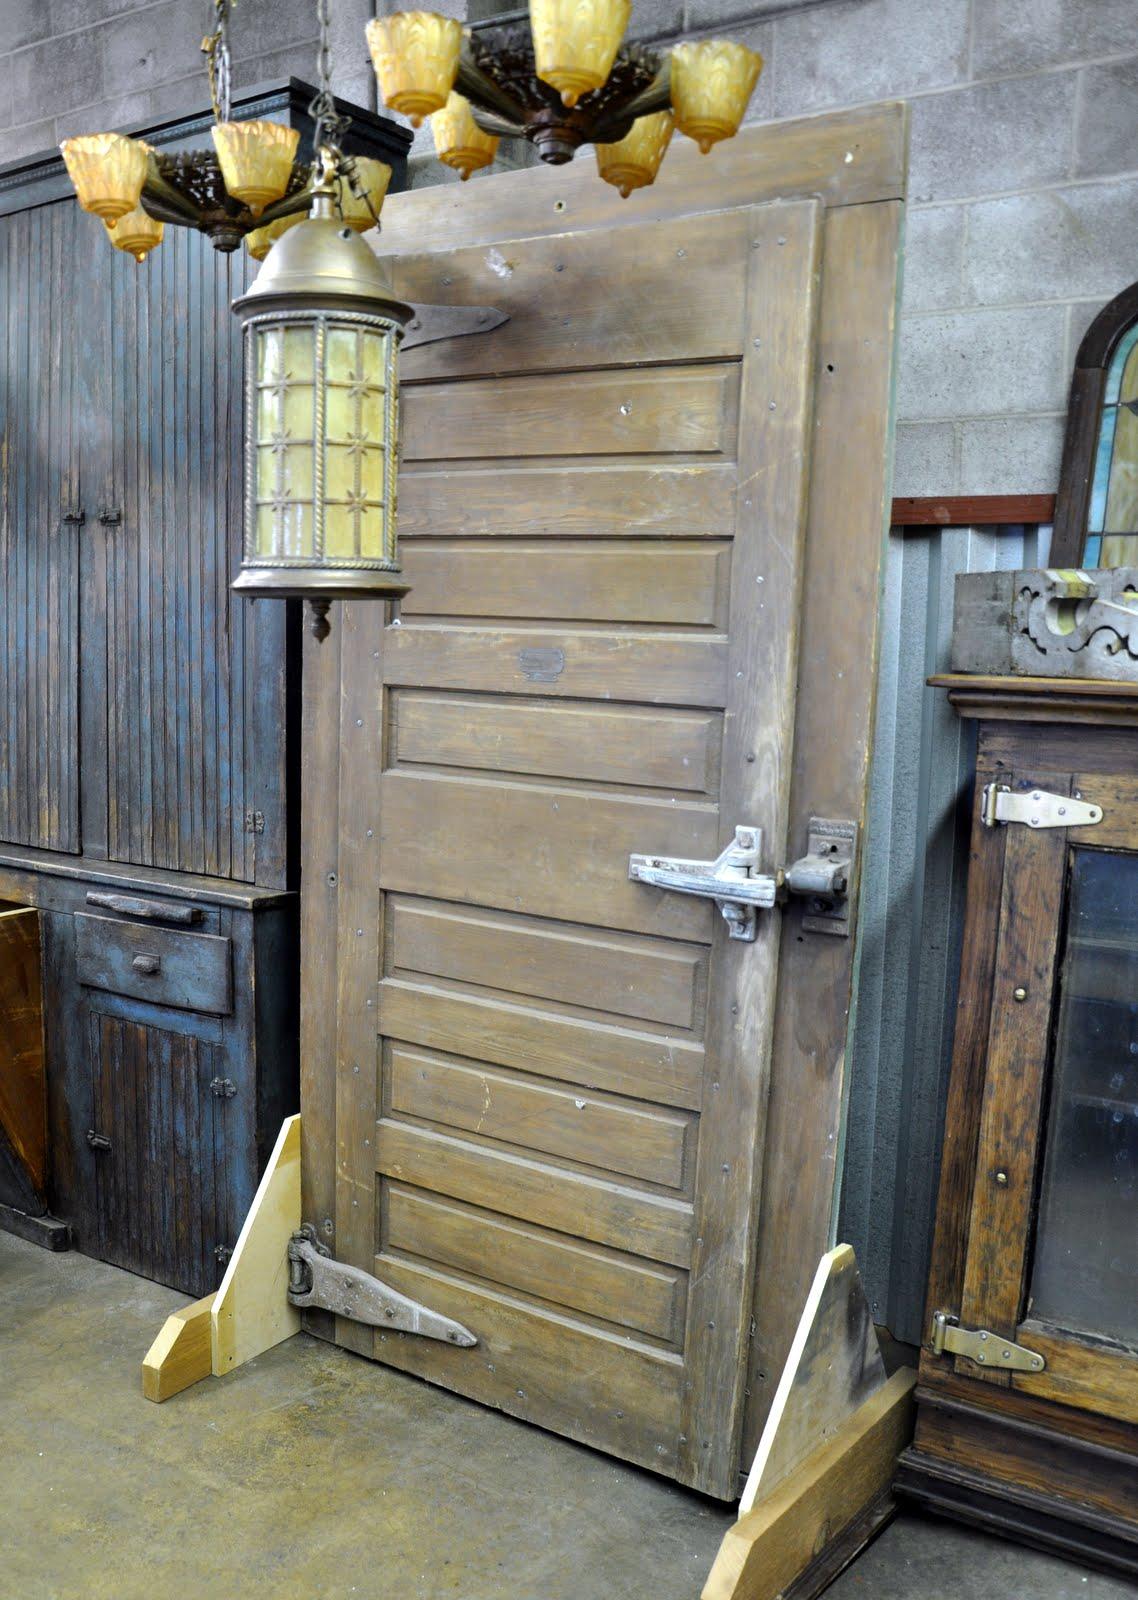 Jamison Ice House Door - Oklahoma Barn Market: Jamison Ice House Door